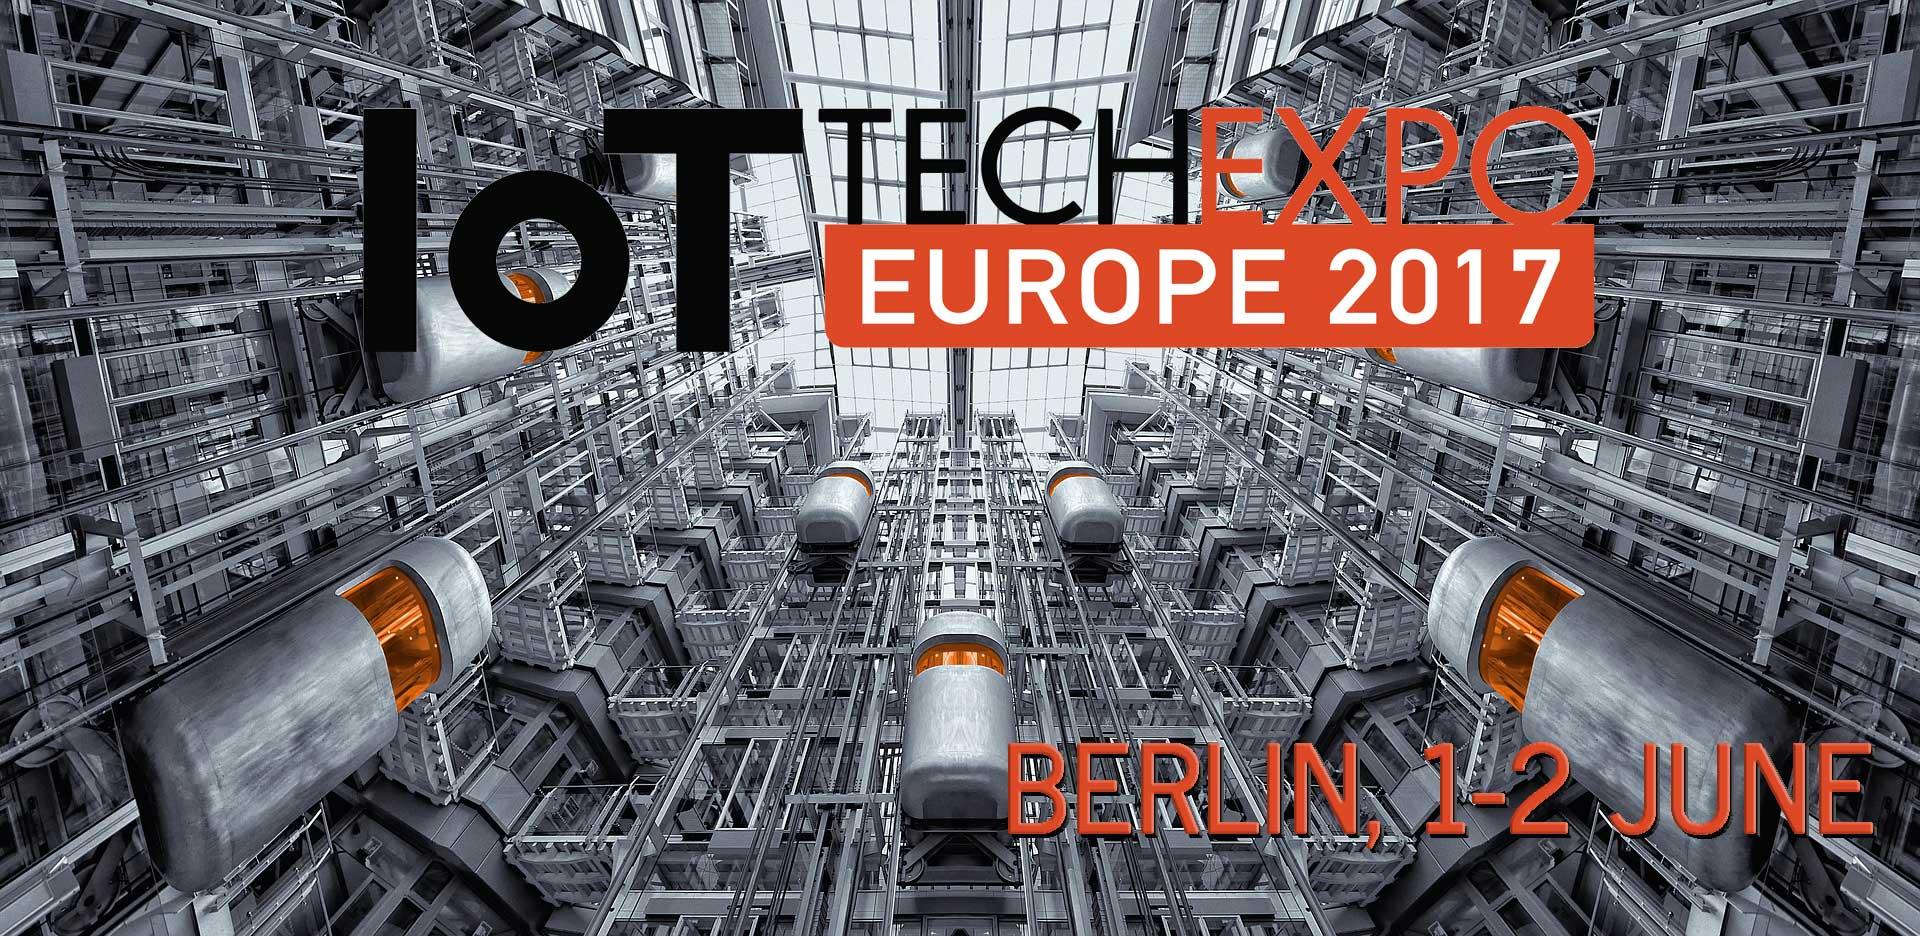 IoT Tech Expo Europe 2017 Berlin 1-2 June